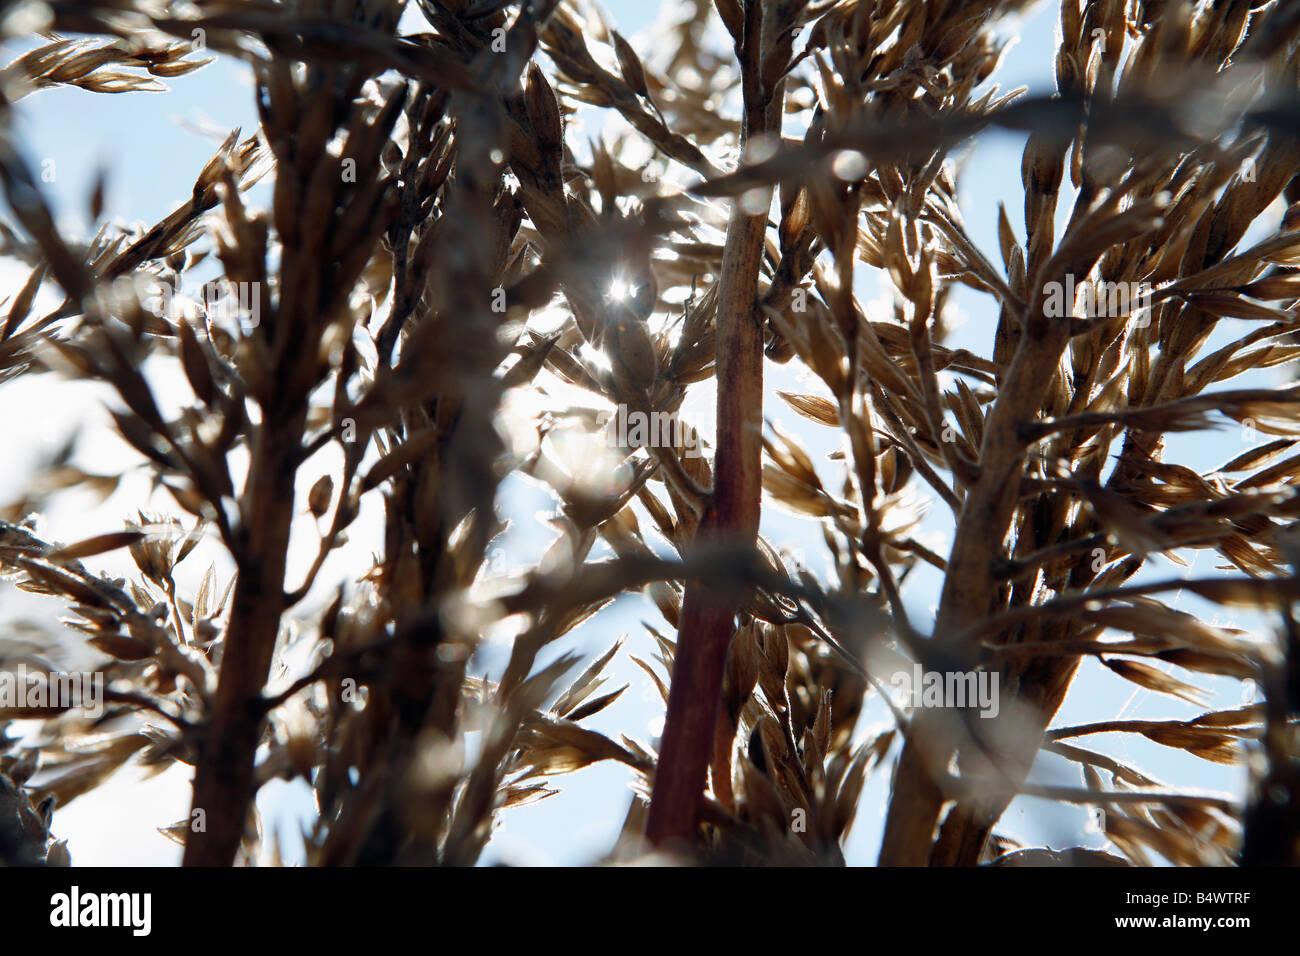 Sunlight shines through corn stalks, autumn harvest - Stock Image